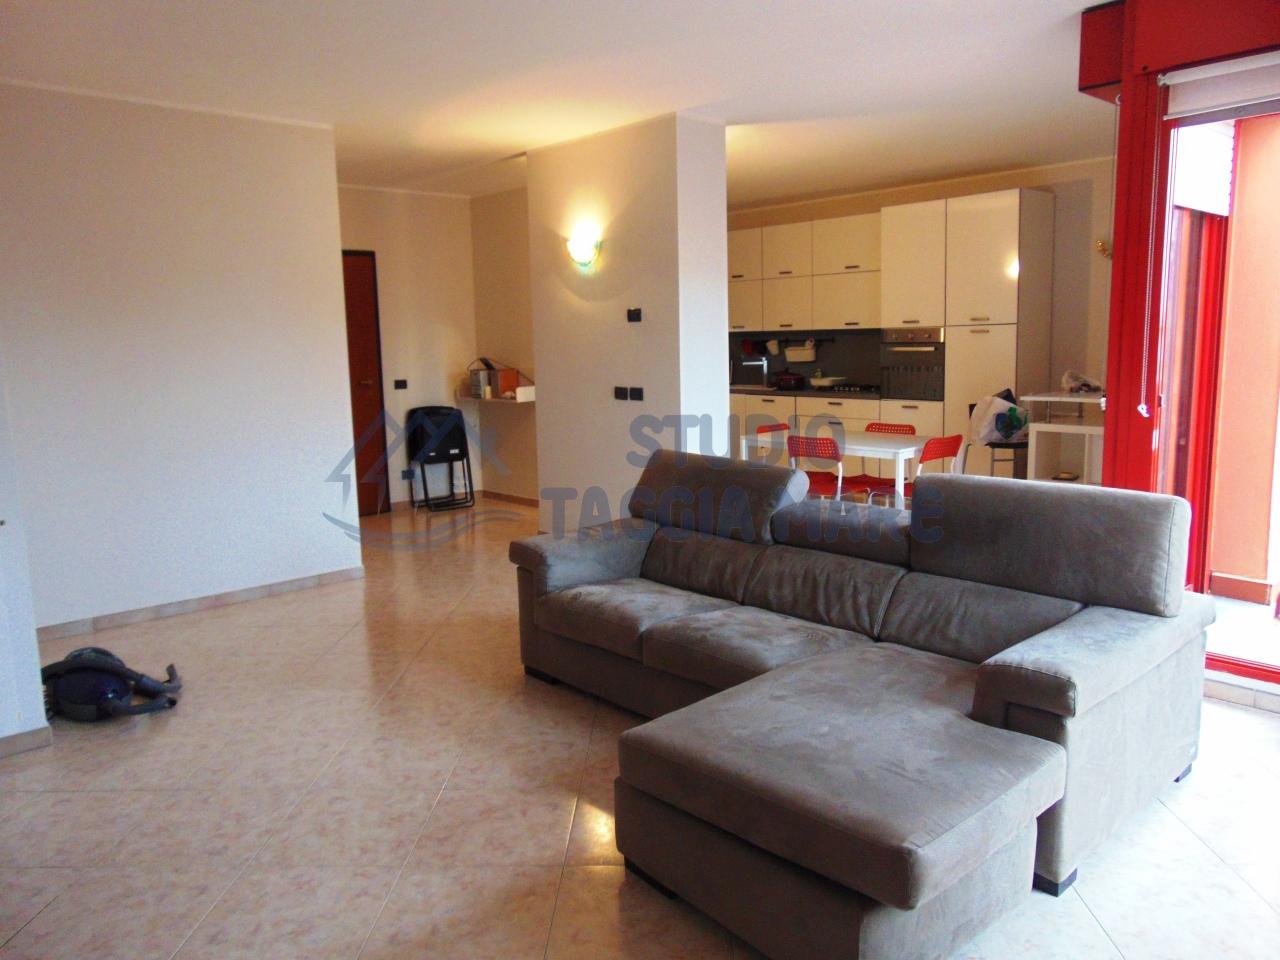 Appartamento in affitto a Taggia, 4 locali, prezzo € 850 | Cambio Casa.it